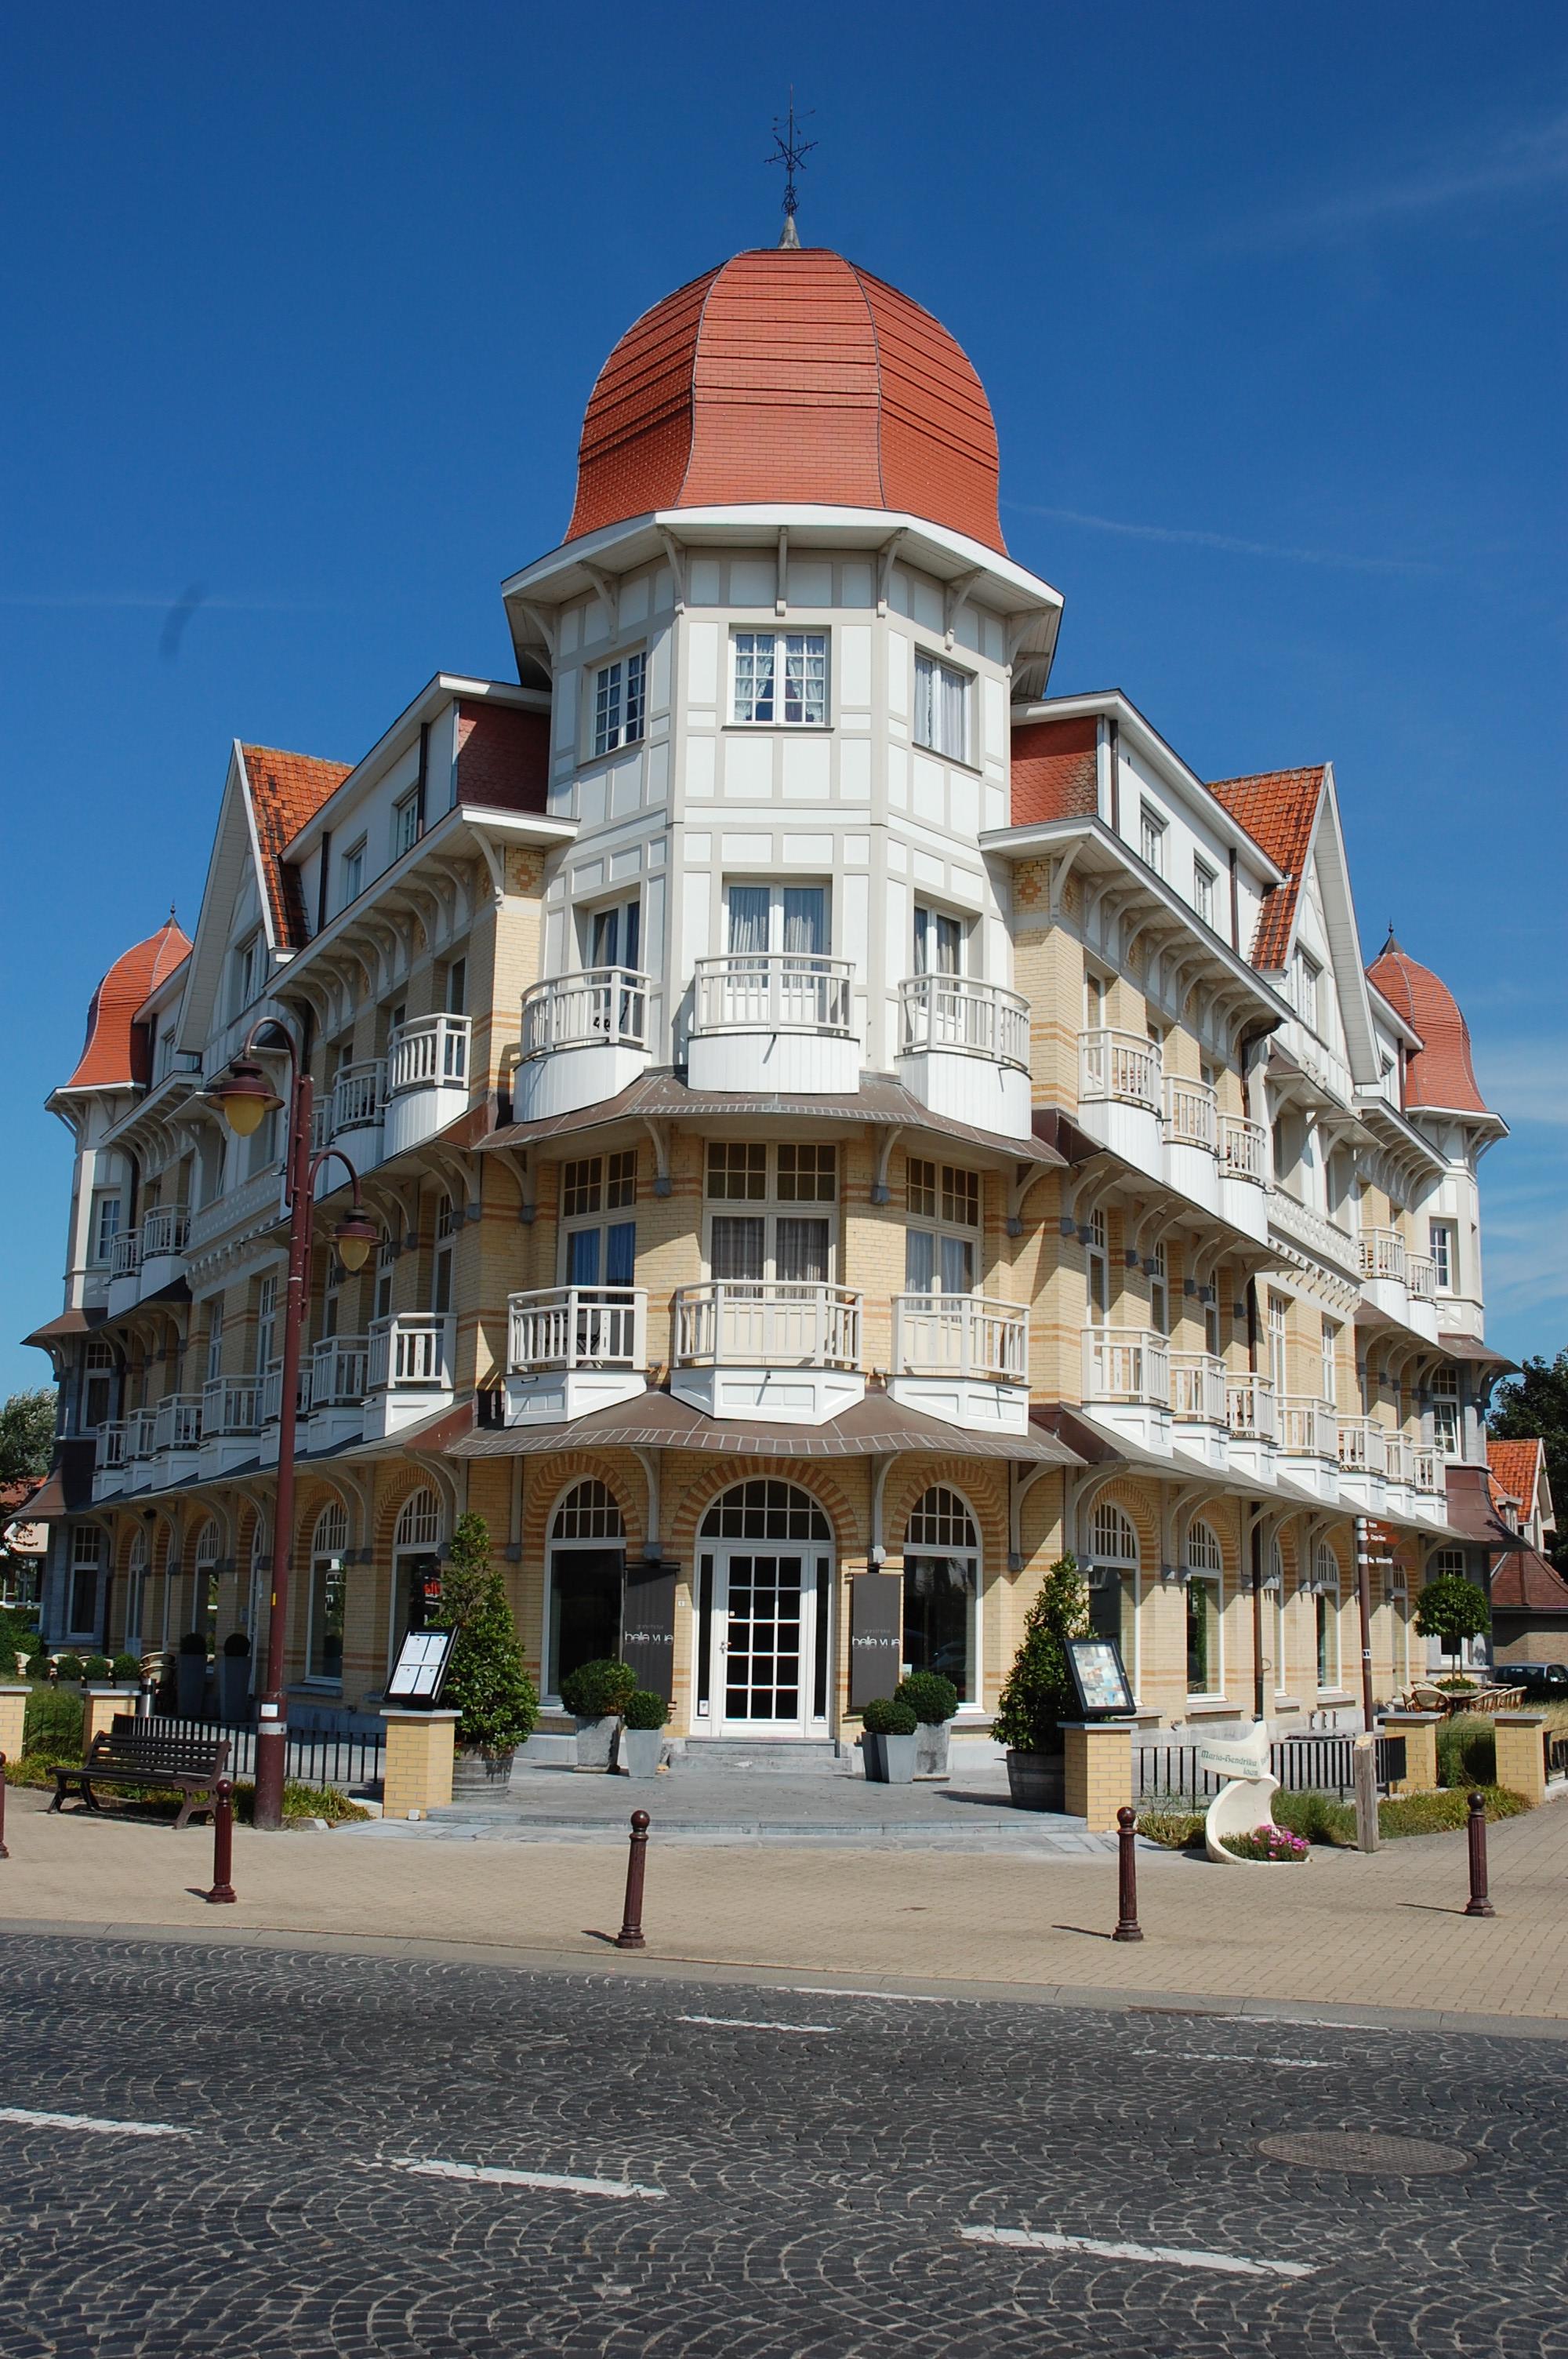 Grand Hotel Belle Vue De Haan